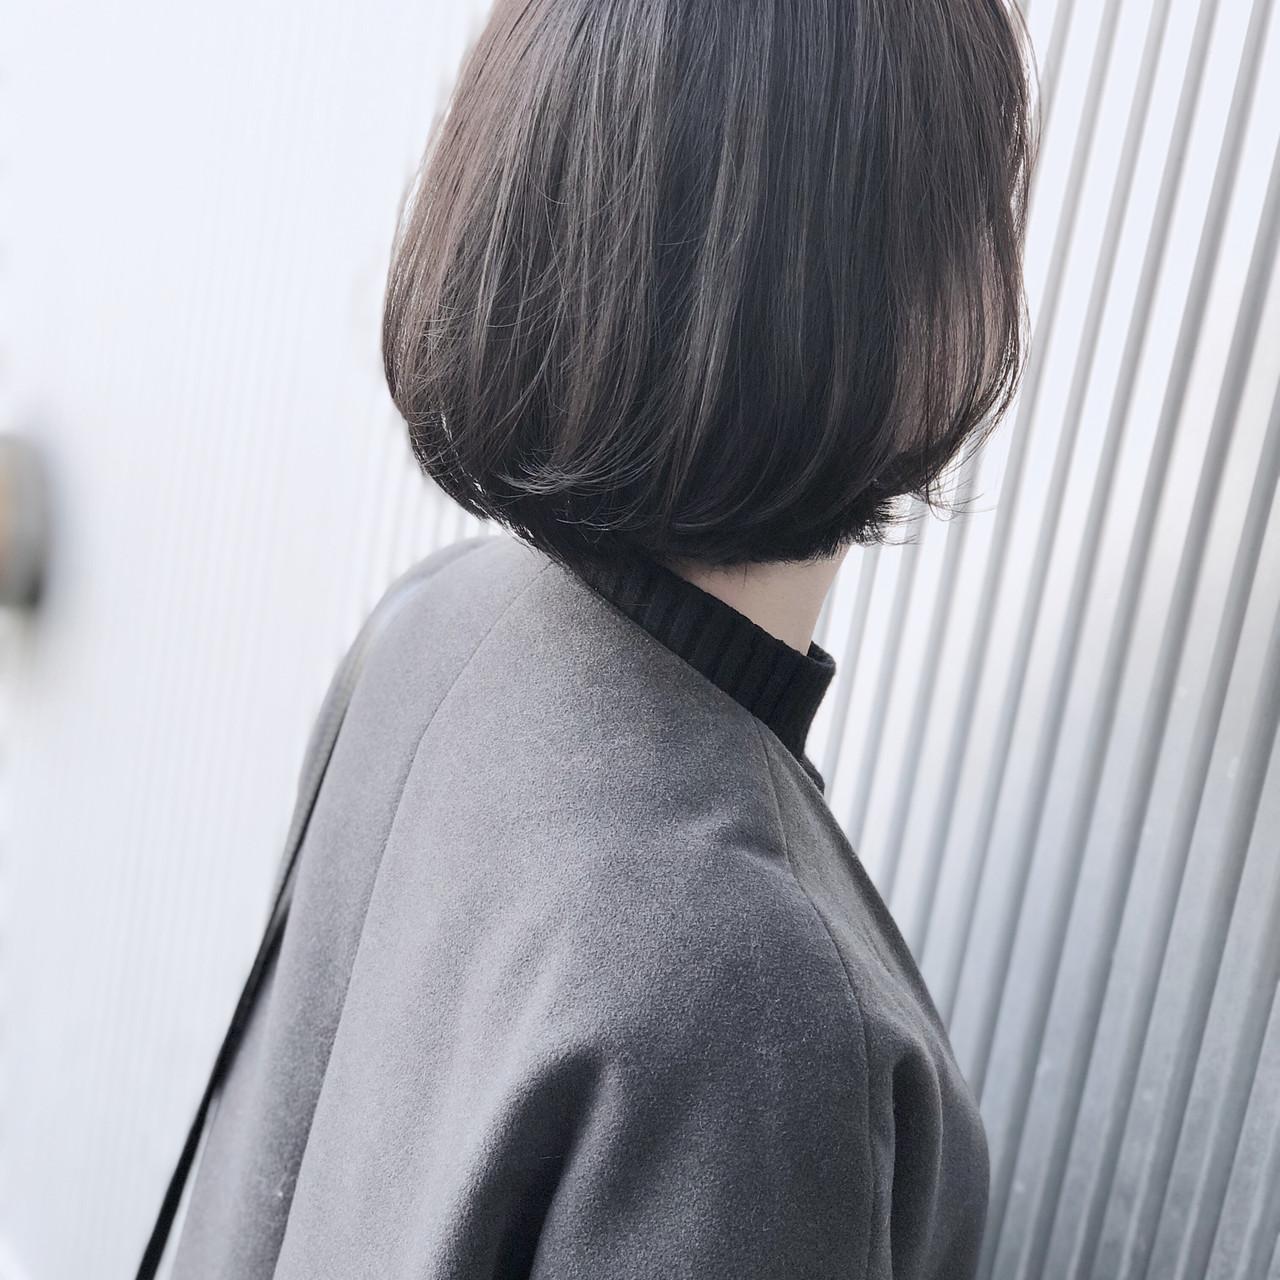 ナチュラル ショート アッシュ 前髪あり ヘアスタイルや髪型の写真・画像 | 萩原 翔志也/ブリーチなしグレージュ/ストレート / Vicca 青山